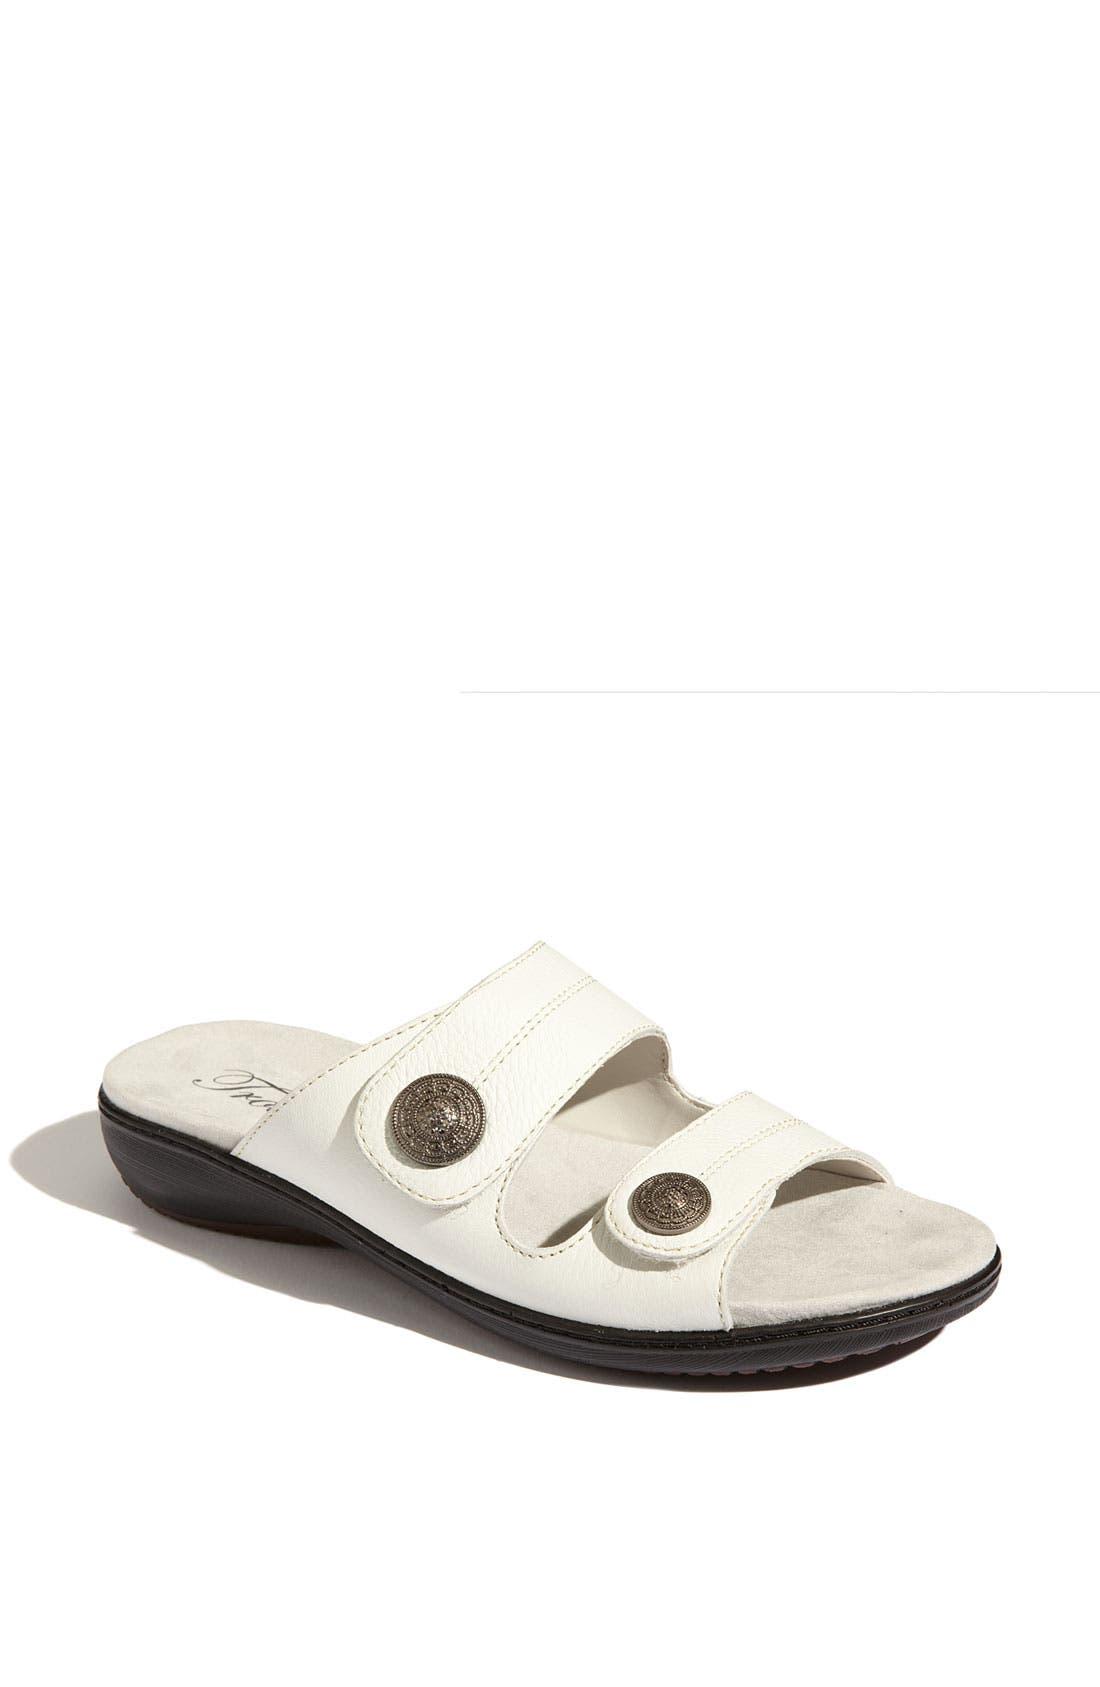 Alternate Image 1 Selected - Trotters 'Kassie' Sandal